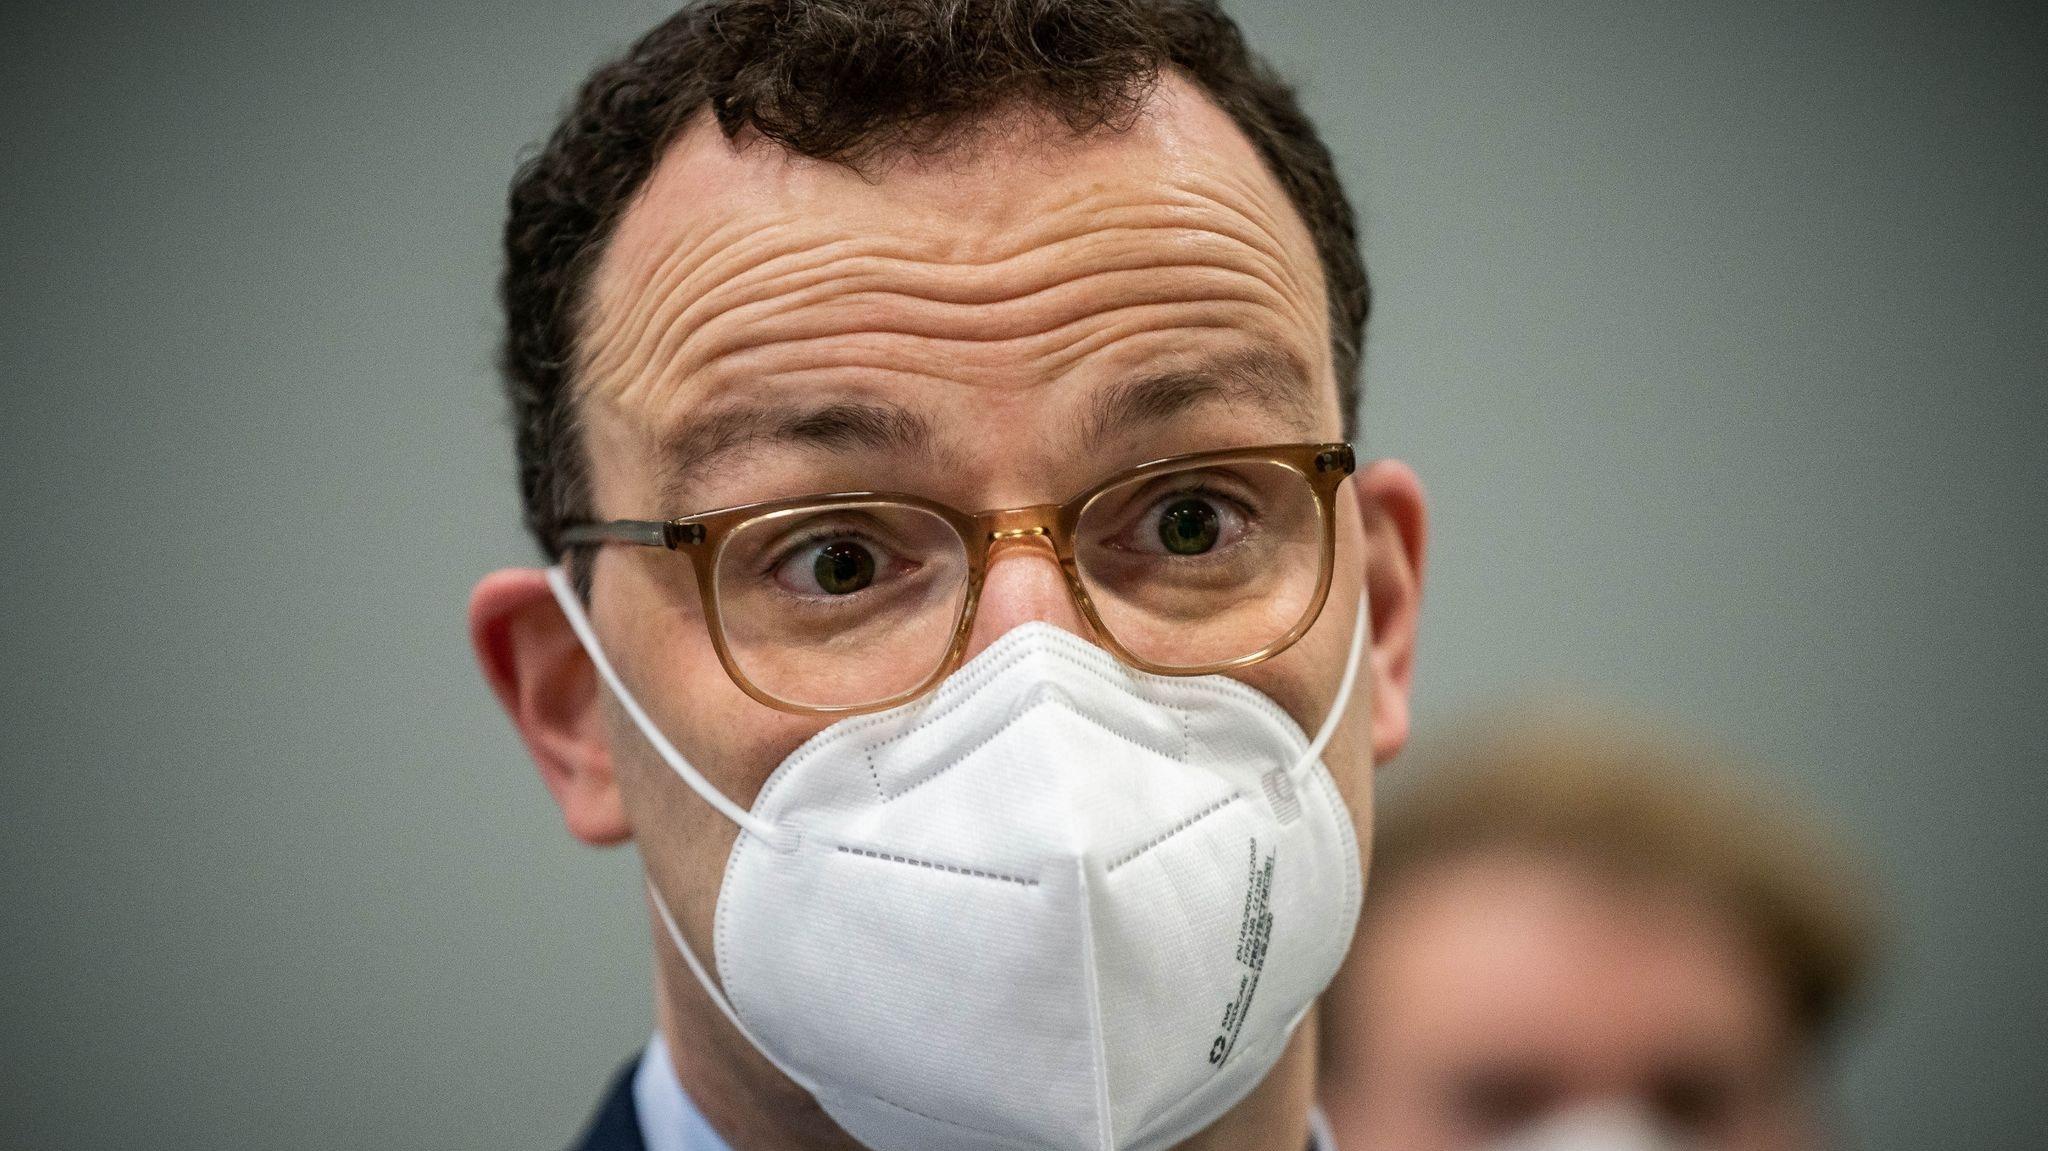 Will Geimpften mehr Freiheiten einräumen: Gesundheitsminister Jens Spahn (CDU). Foto: dpa